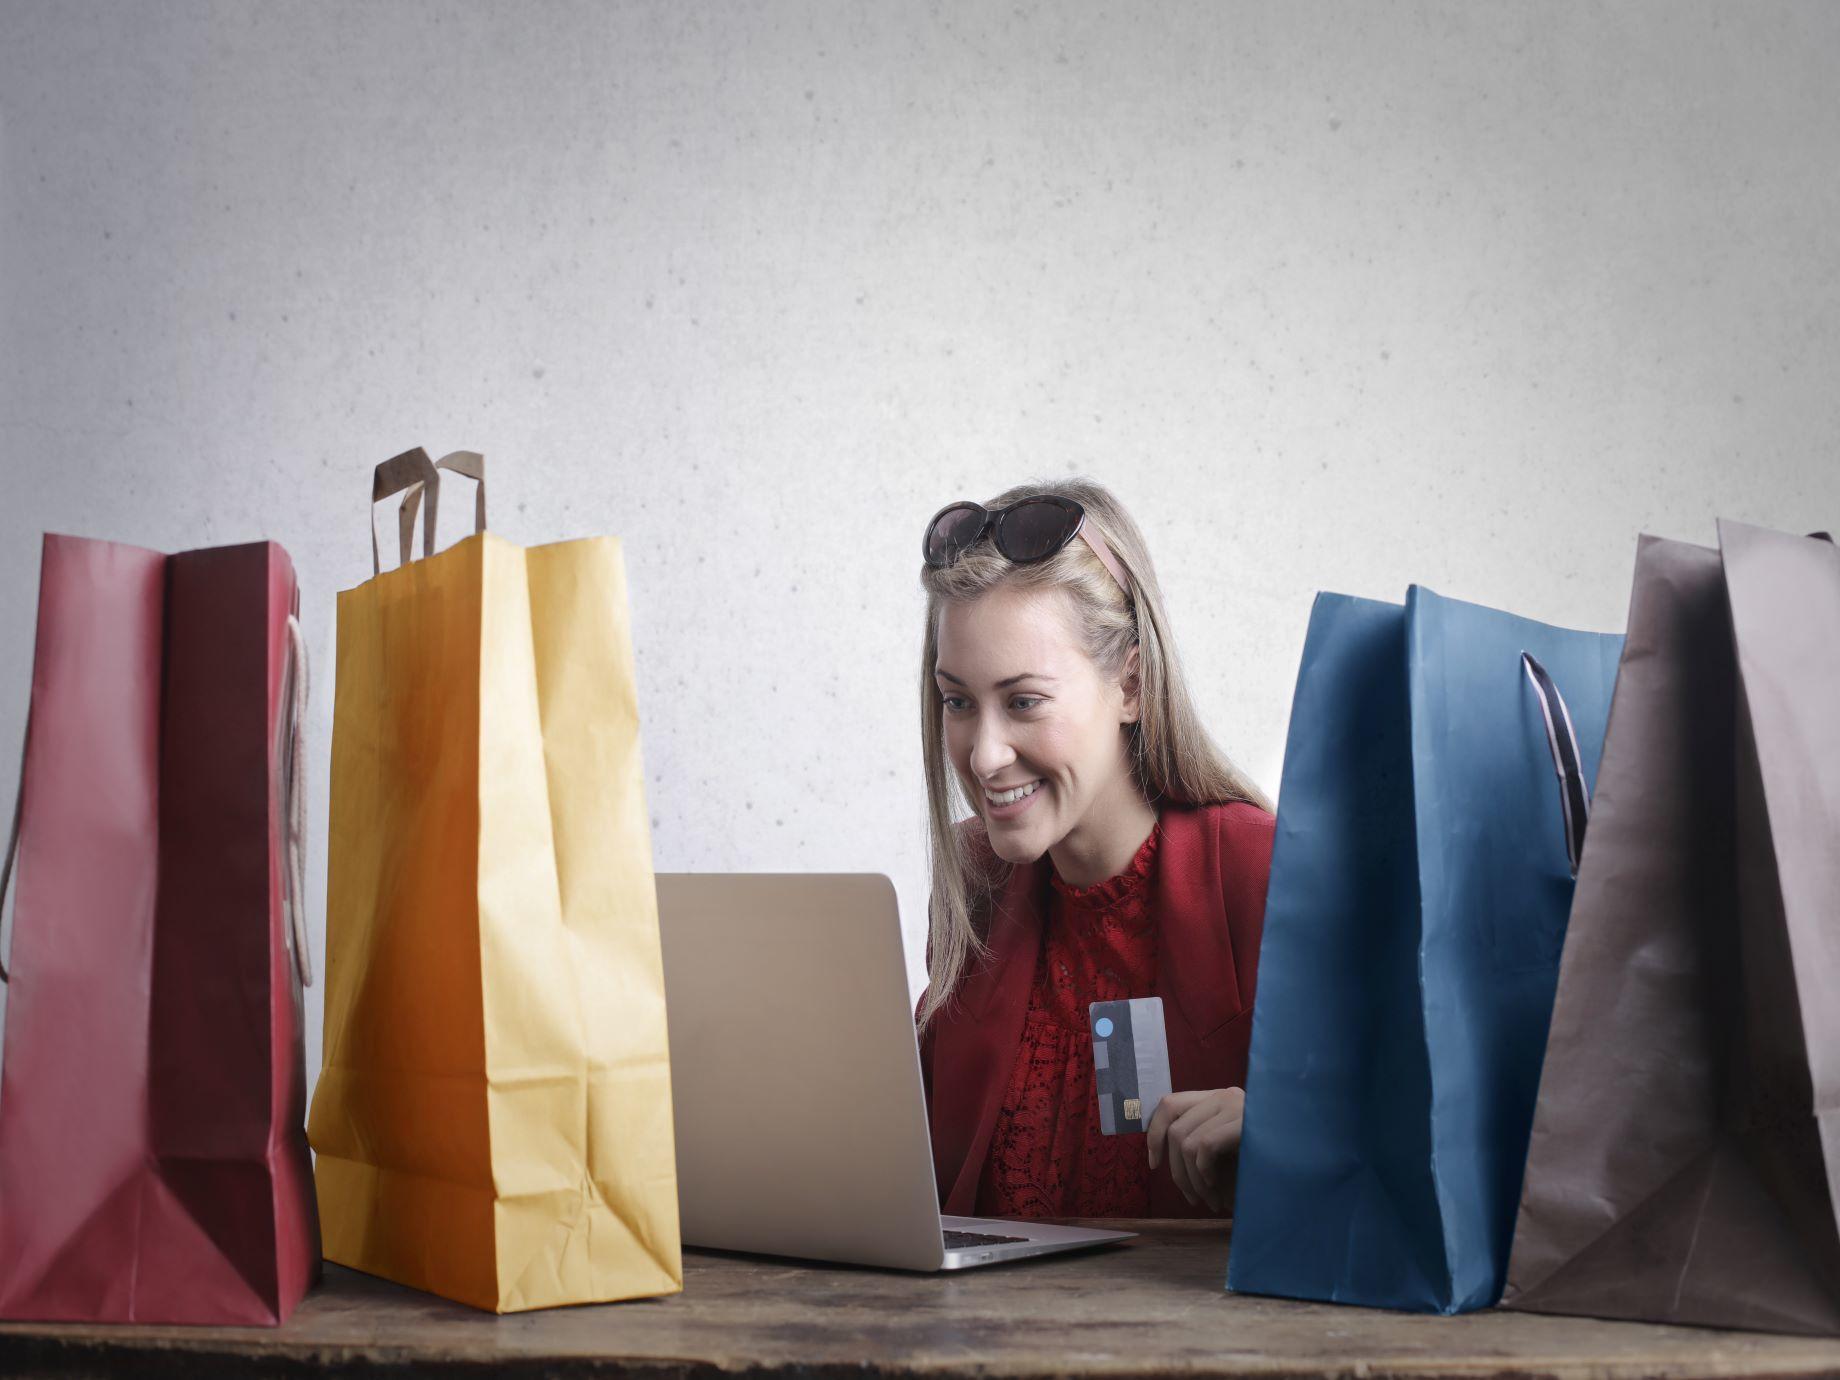 顛覆傳統一次性銷售!看準消費者習慣,「訂閱經濟」用小額訂單創造超越大訂單收益